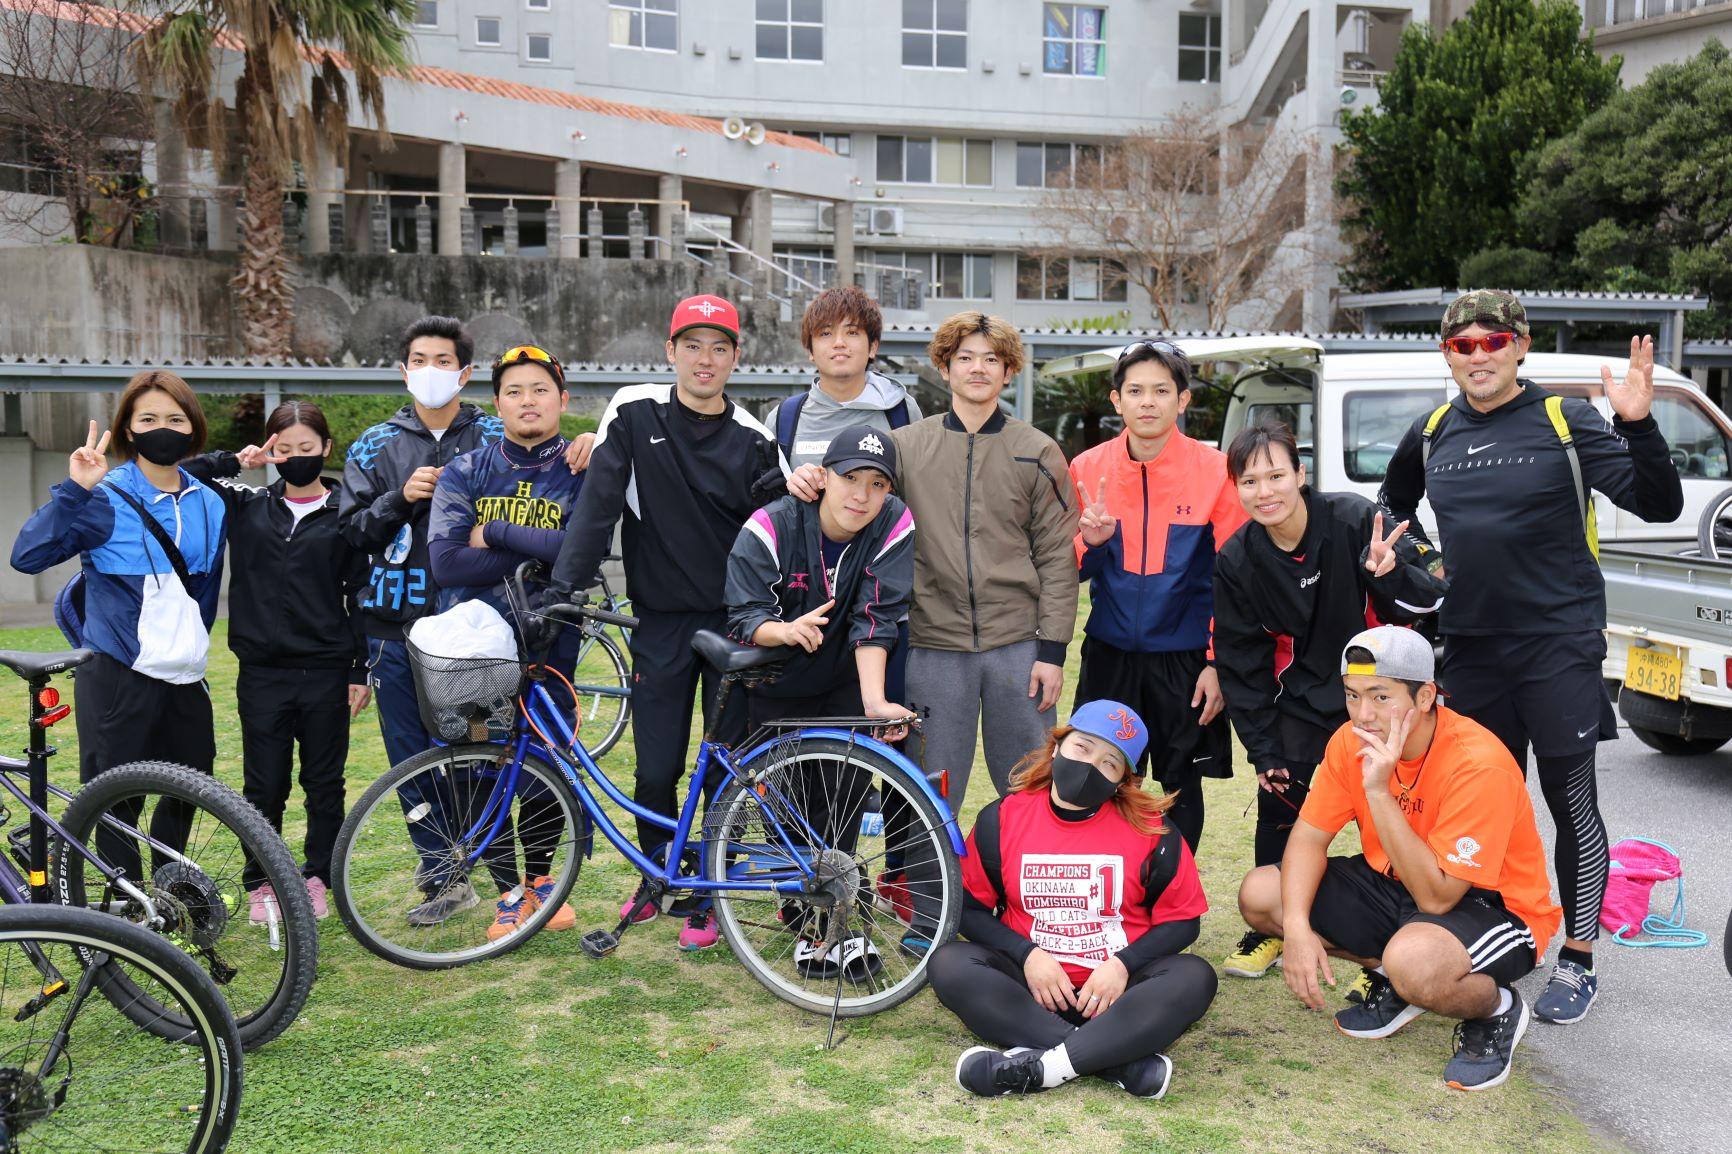 宮本ゼミ!今年は南部一周40キロに自転車でチャレンジ!